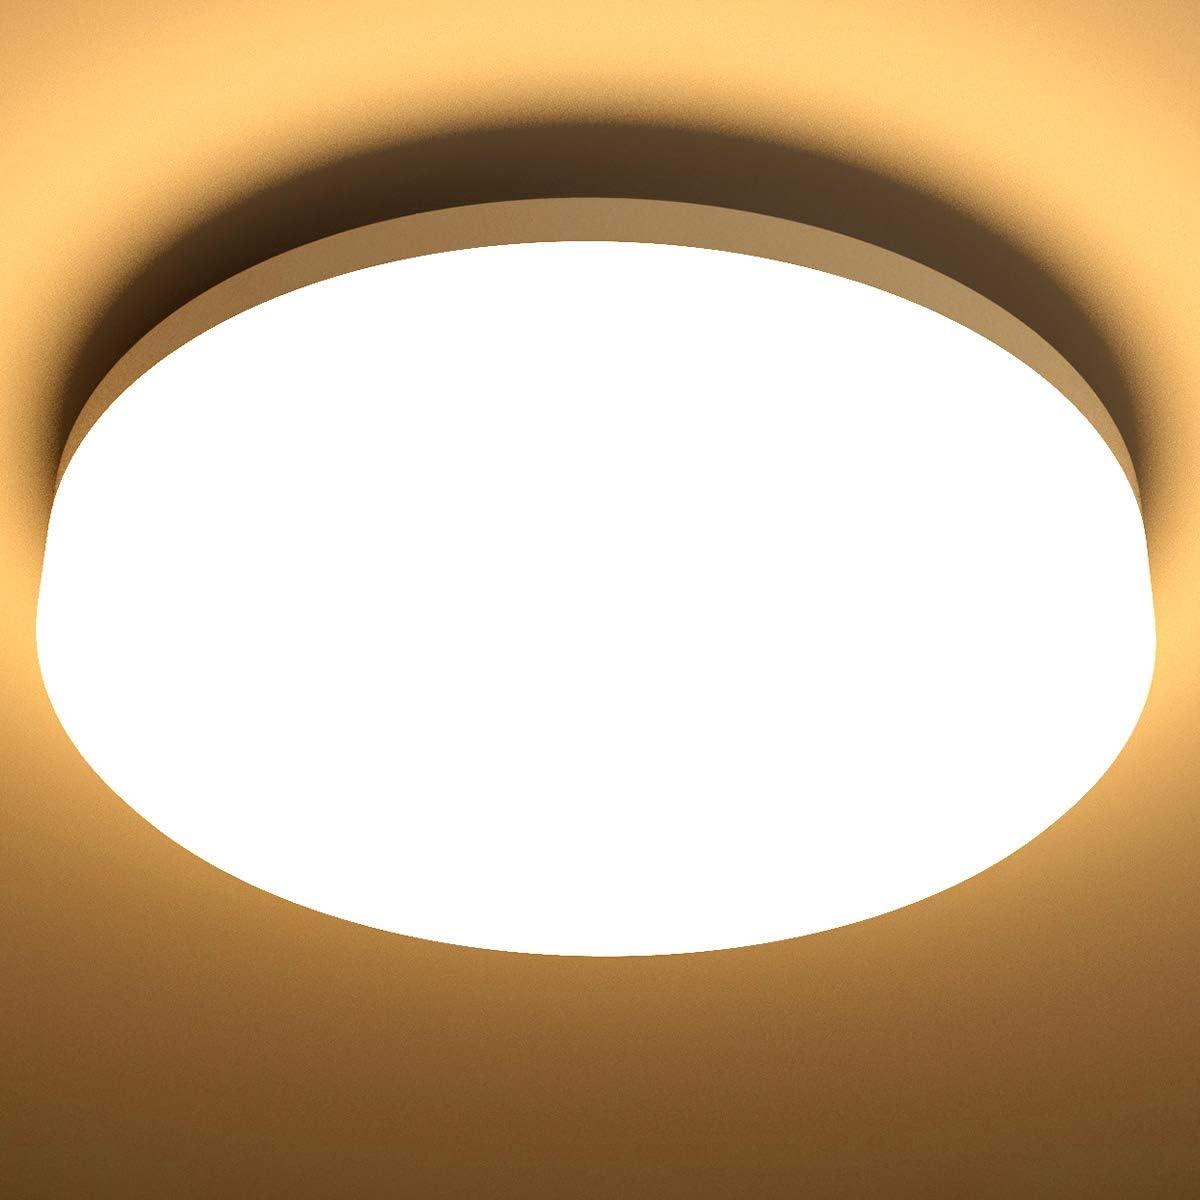 Lighting EVER 15W Deckenlampe, IP54 Wasserfest Badlampe, 3000K LED Deckenleuchte, 1250lm Lampen ideal für Badezimmer Balkon Flur Küche Wohnzimmer,...